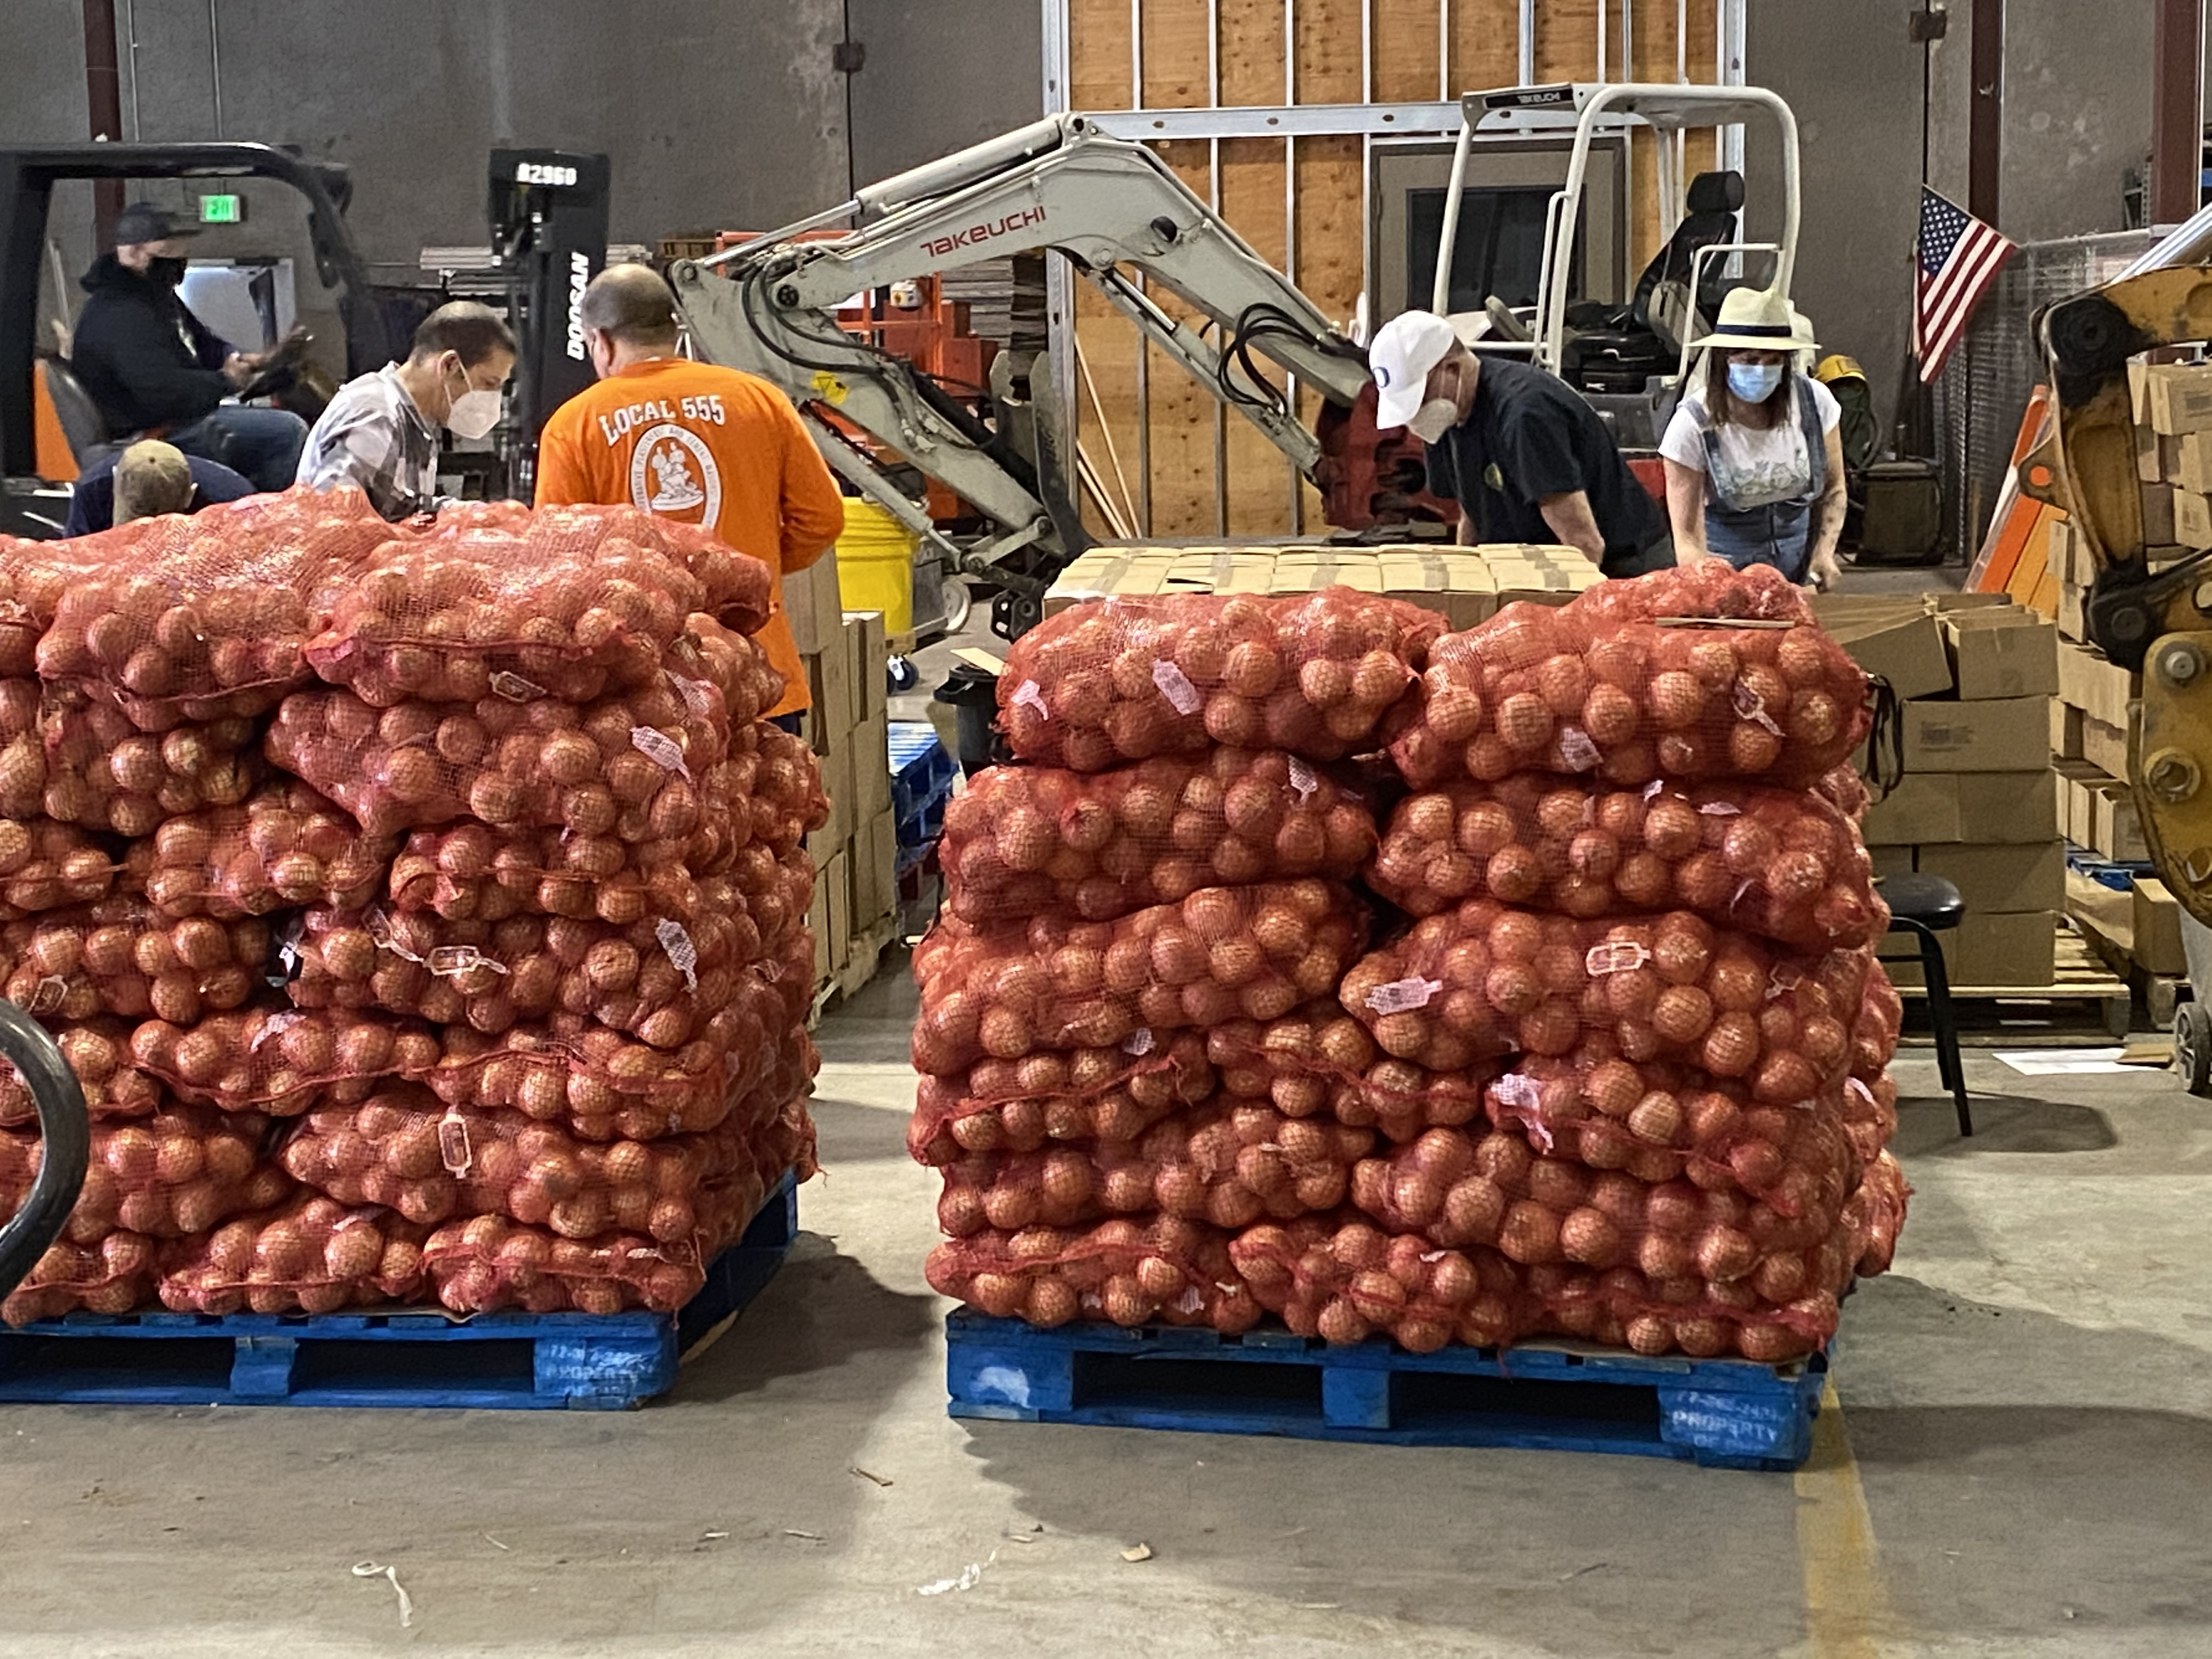 NW Oregon food distribution